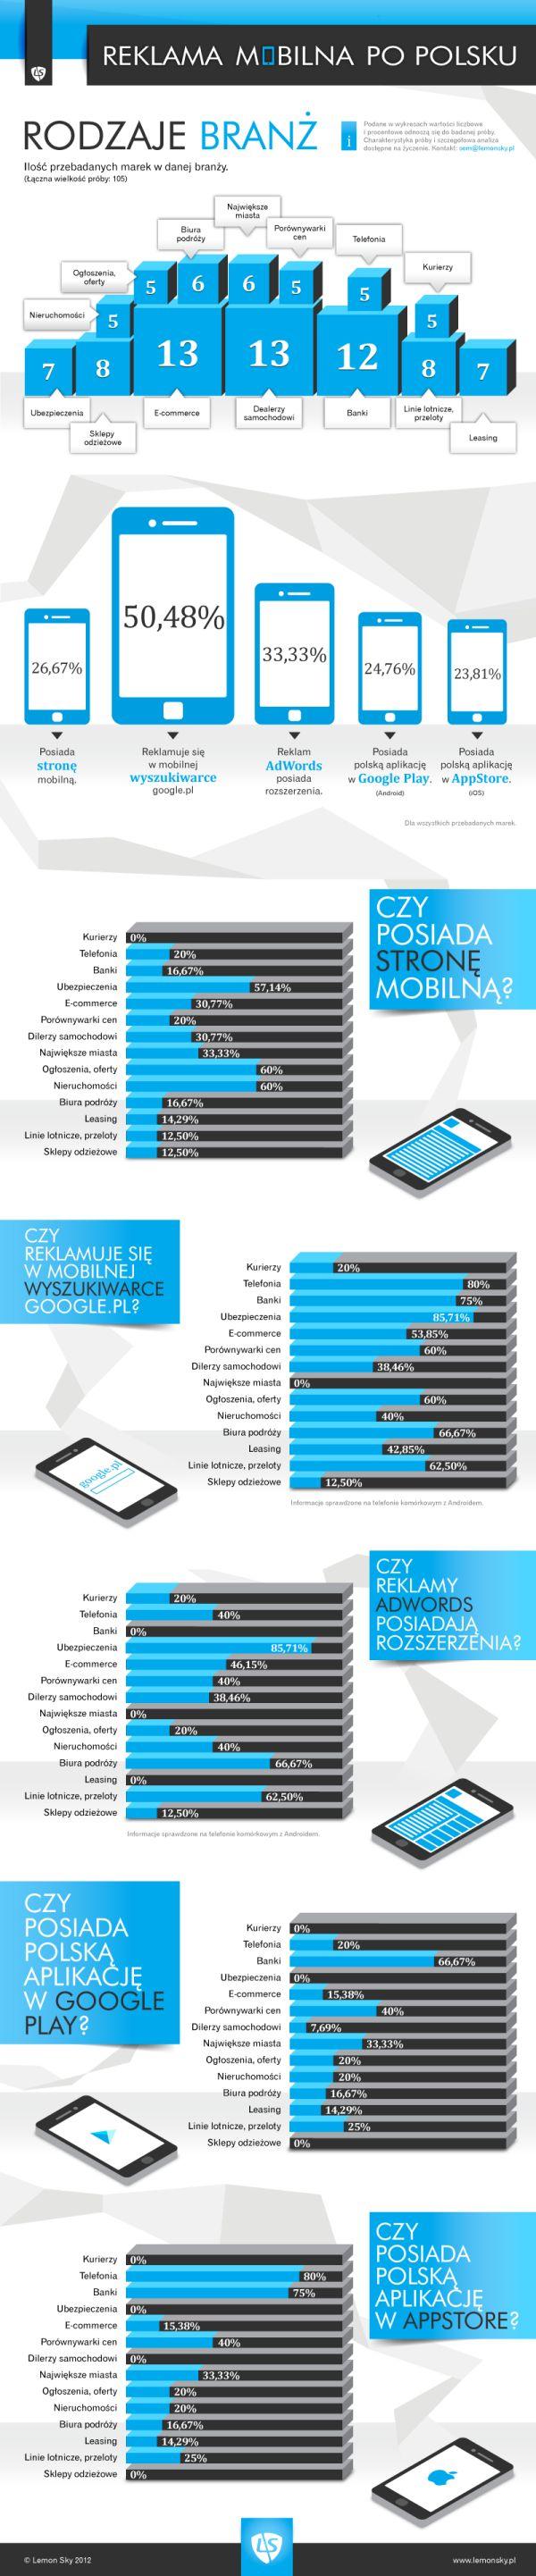 Reklama mobile